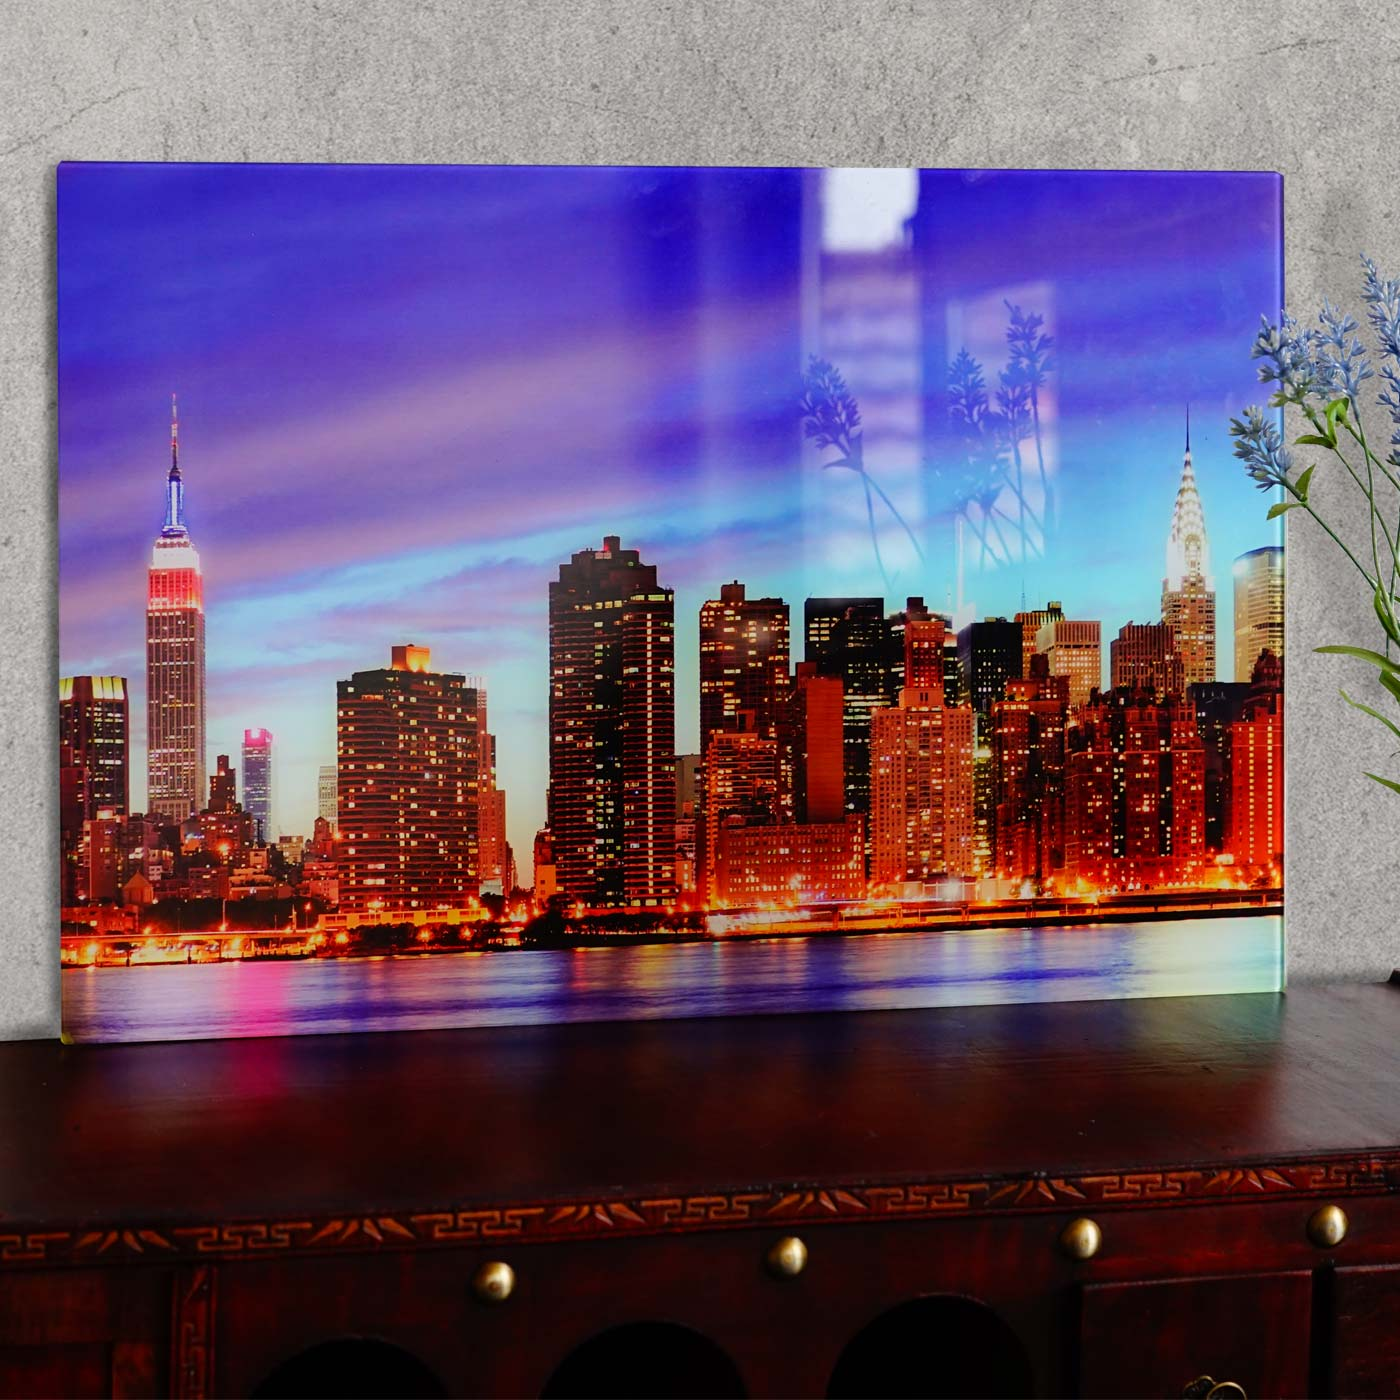 glasbild t116 poster motiv 40x60cm new york. Black Bedroom Furniture Sets. Home Design Ideas